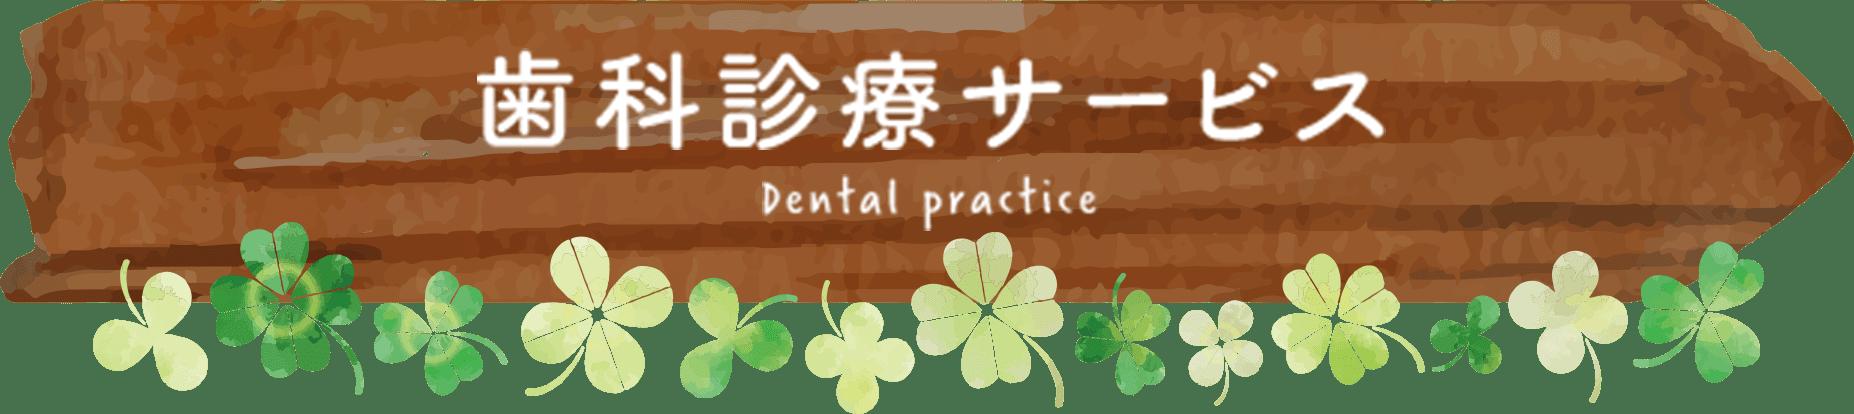 歯科診療サービス